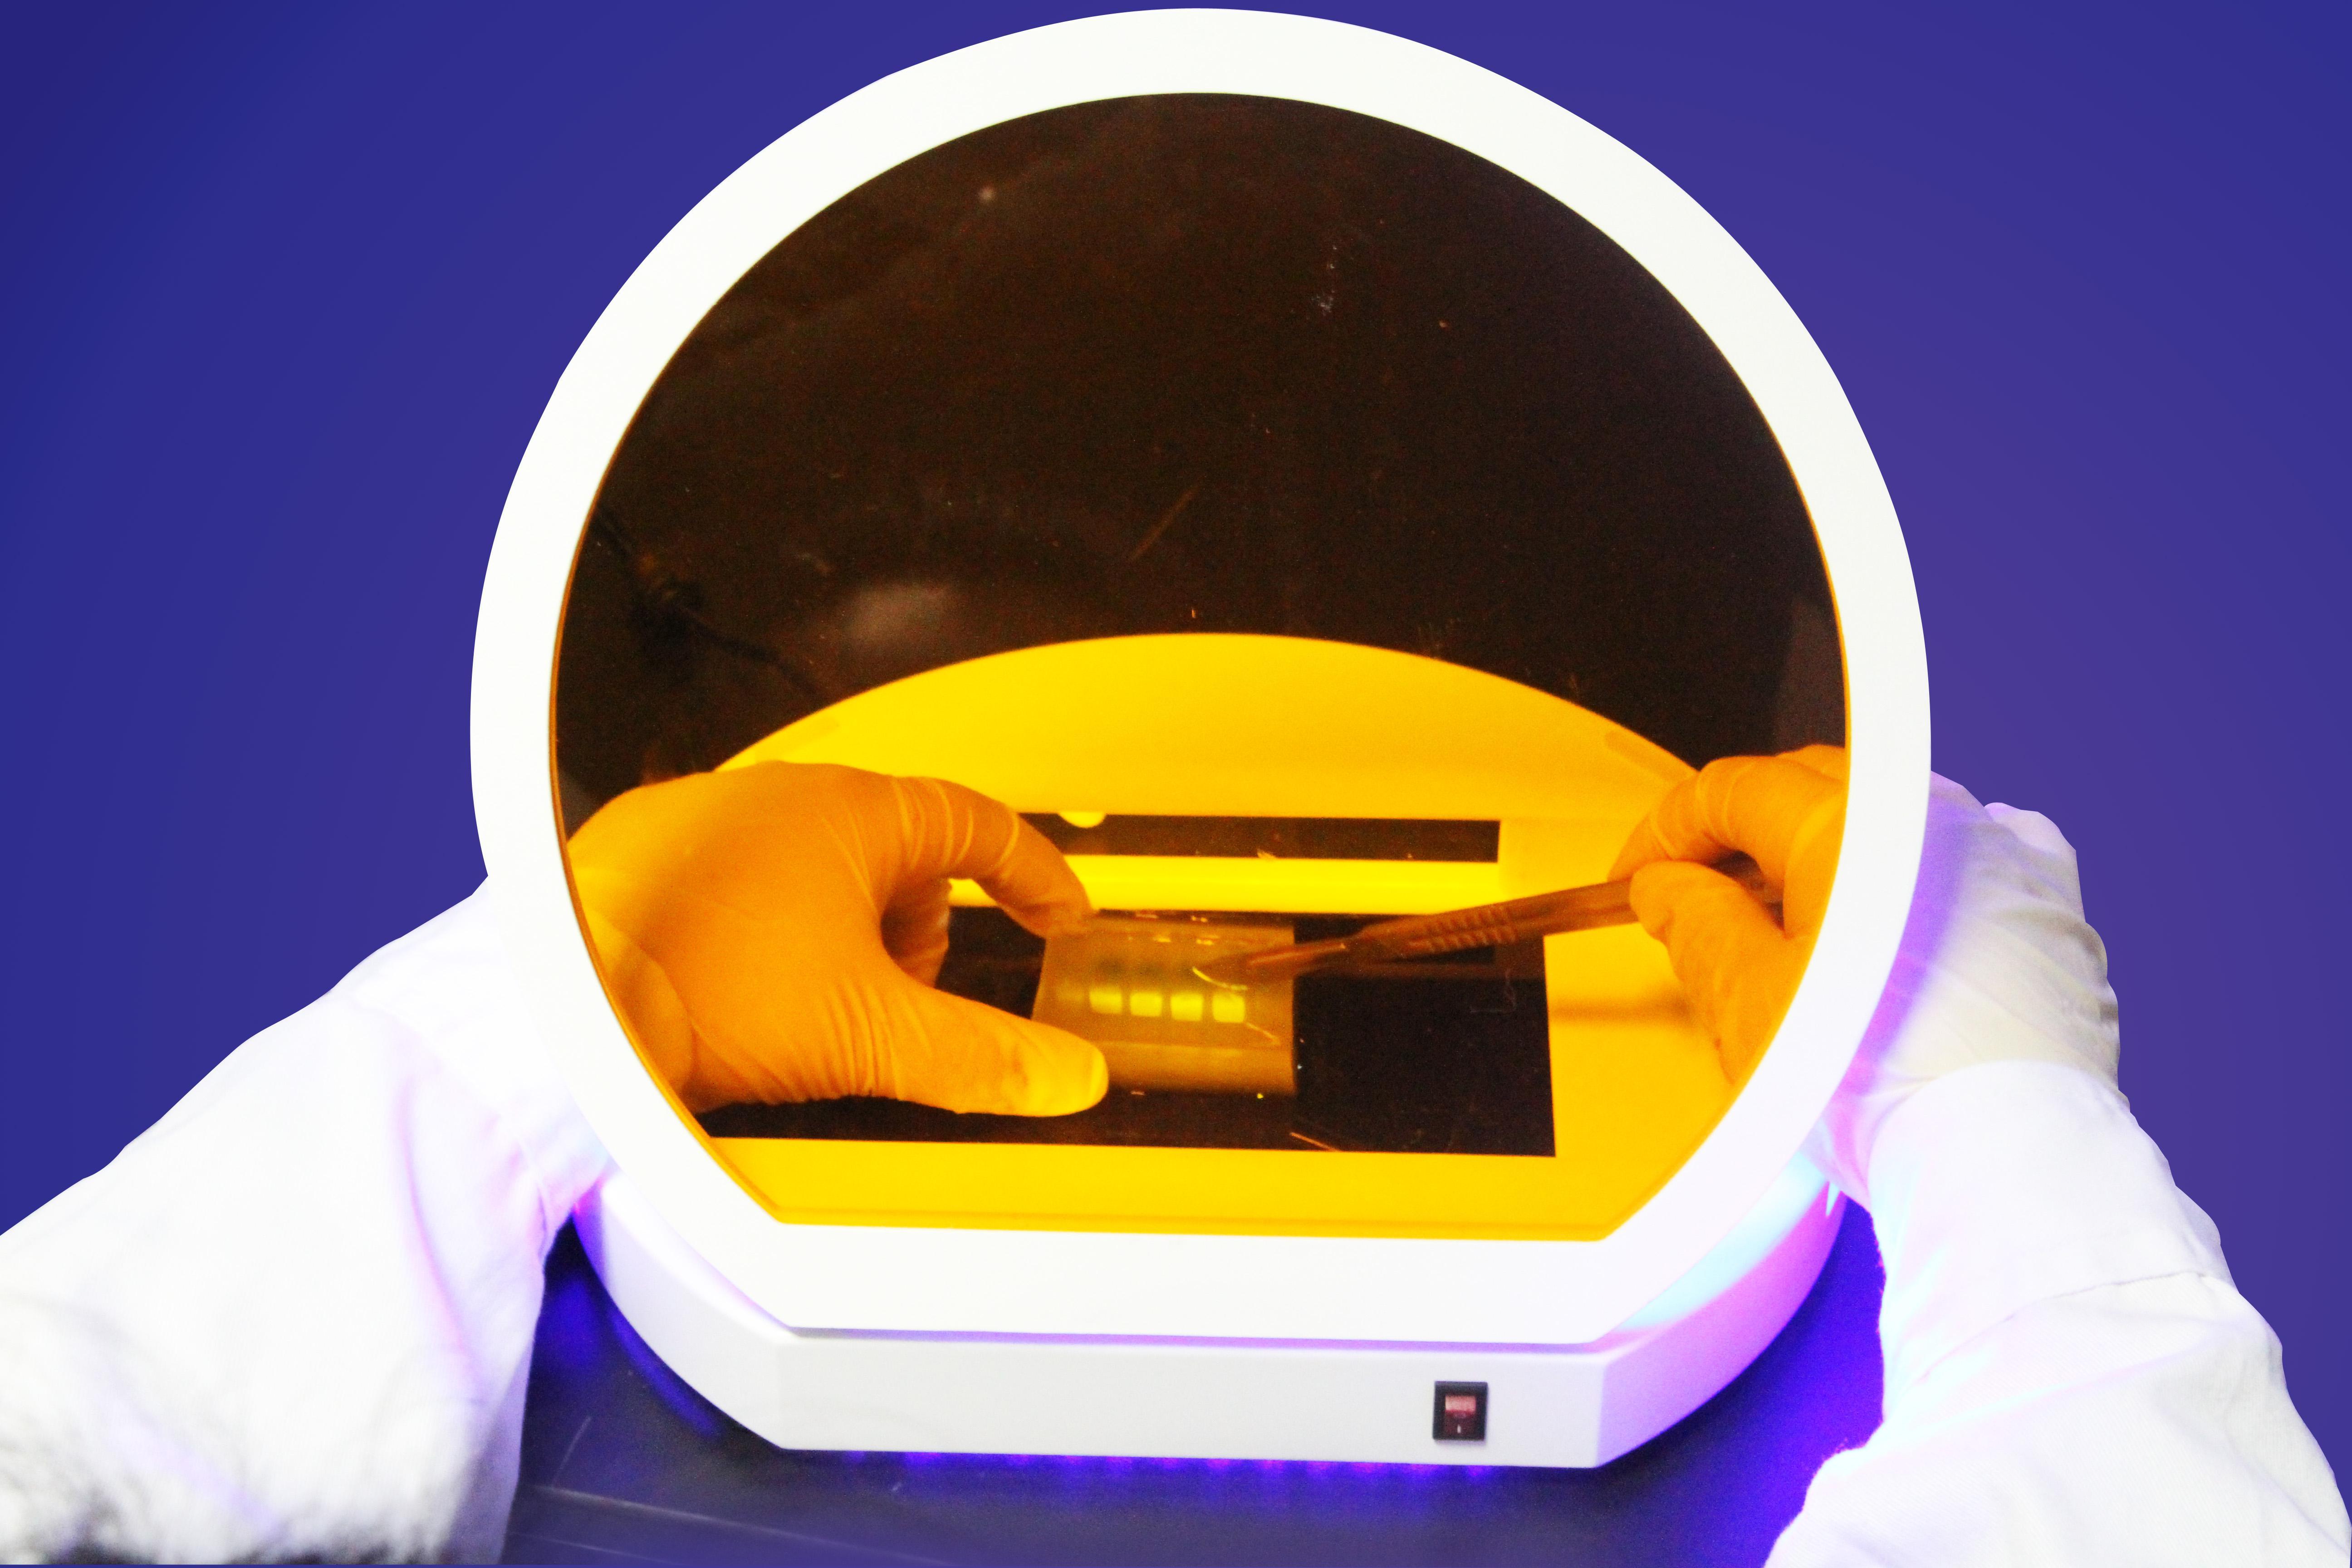 博弗瑞德蓝光仪系列产品